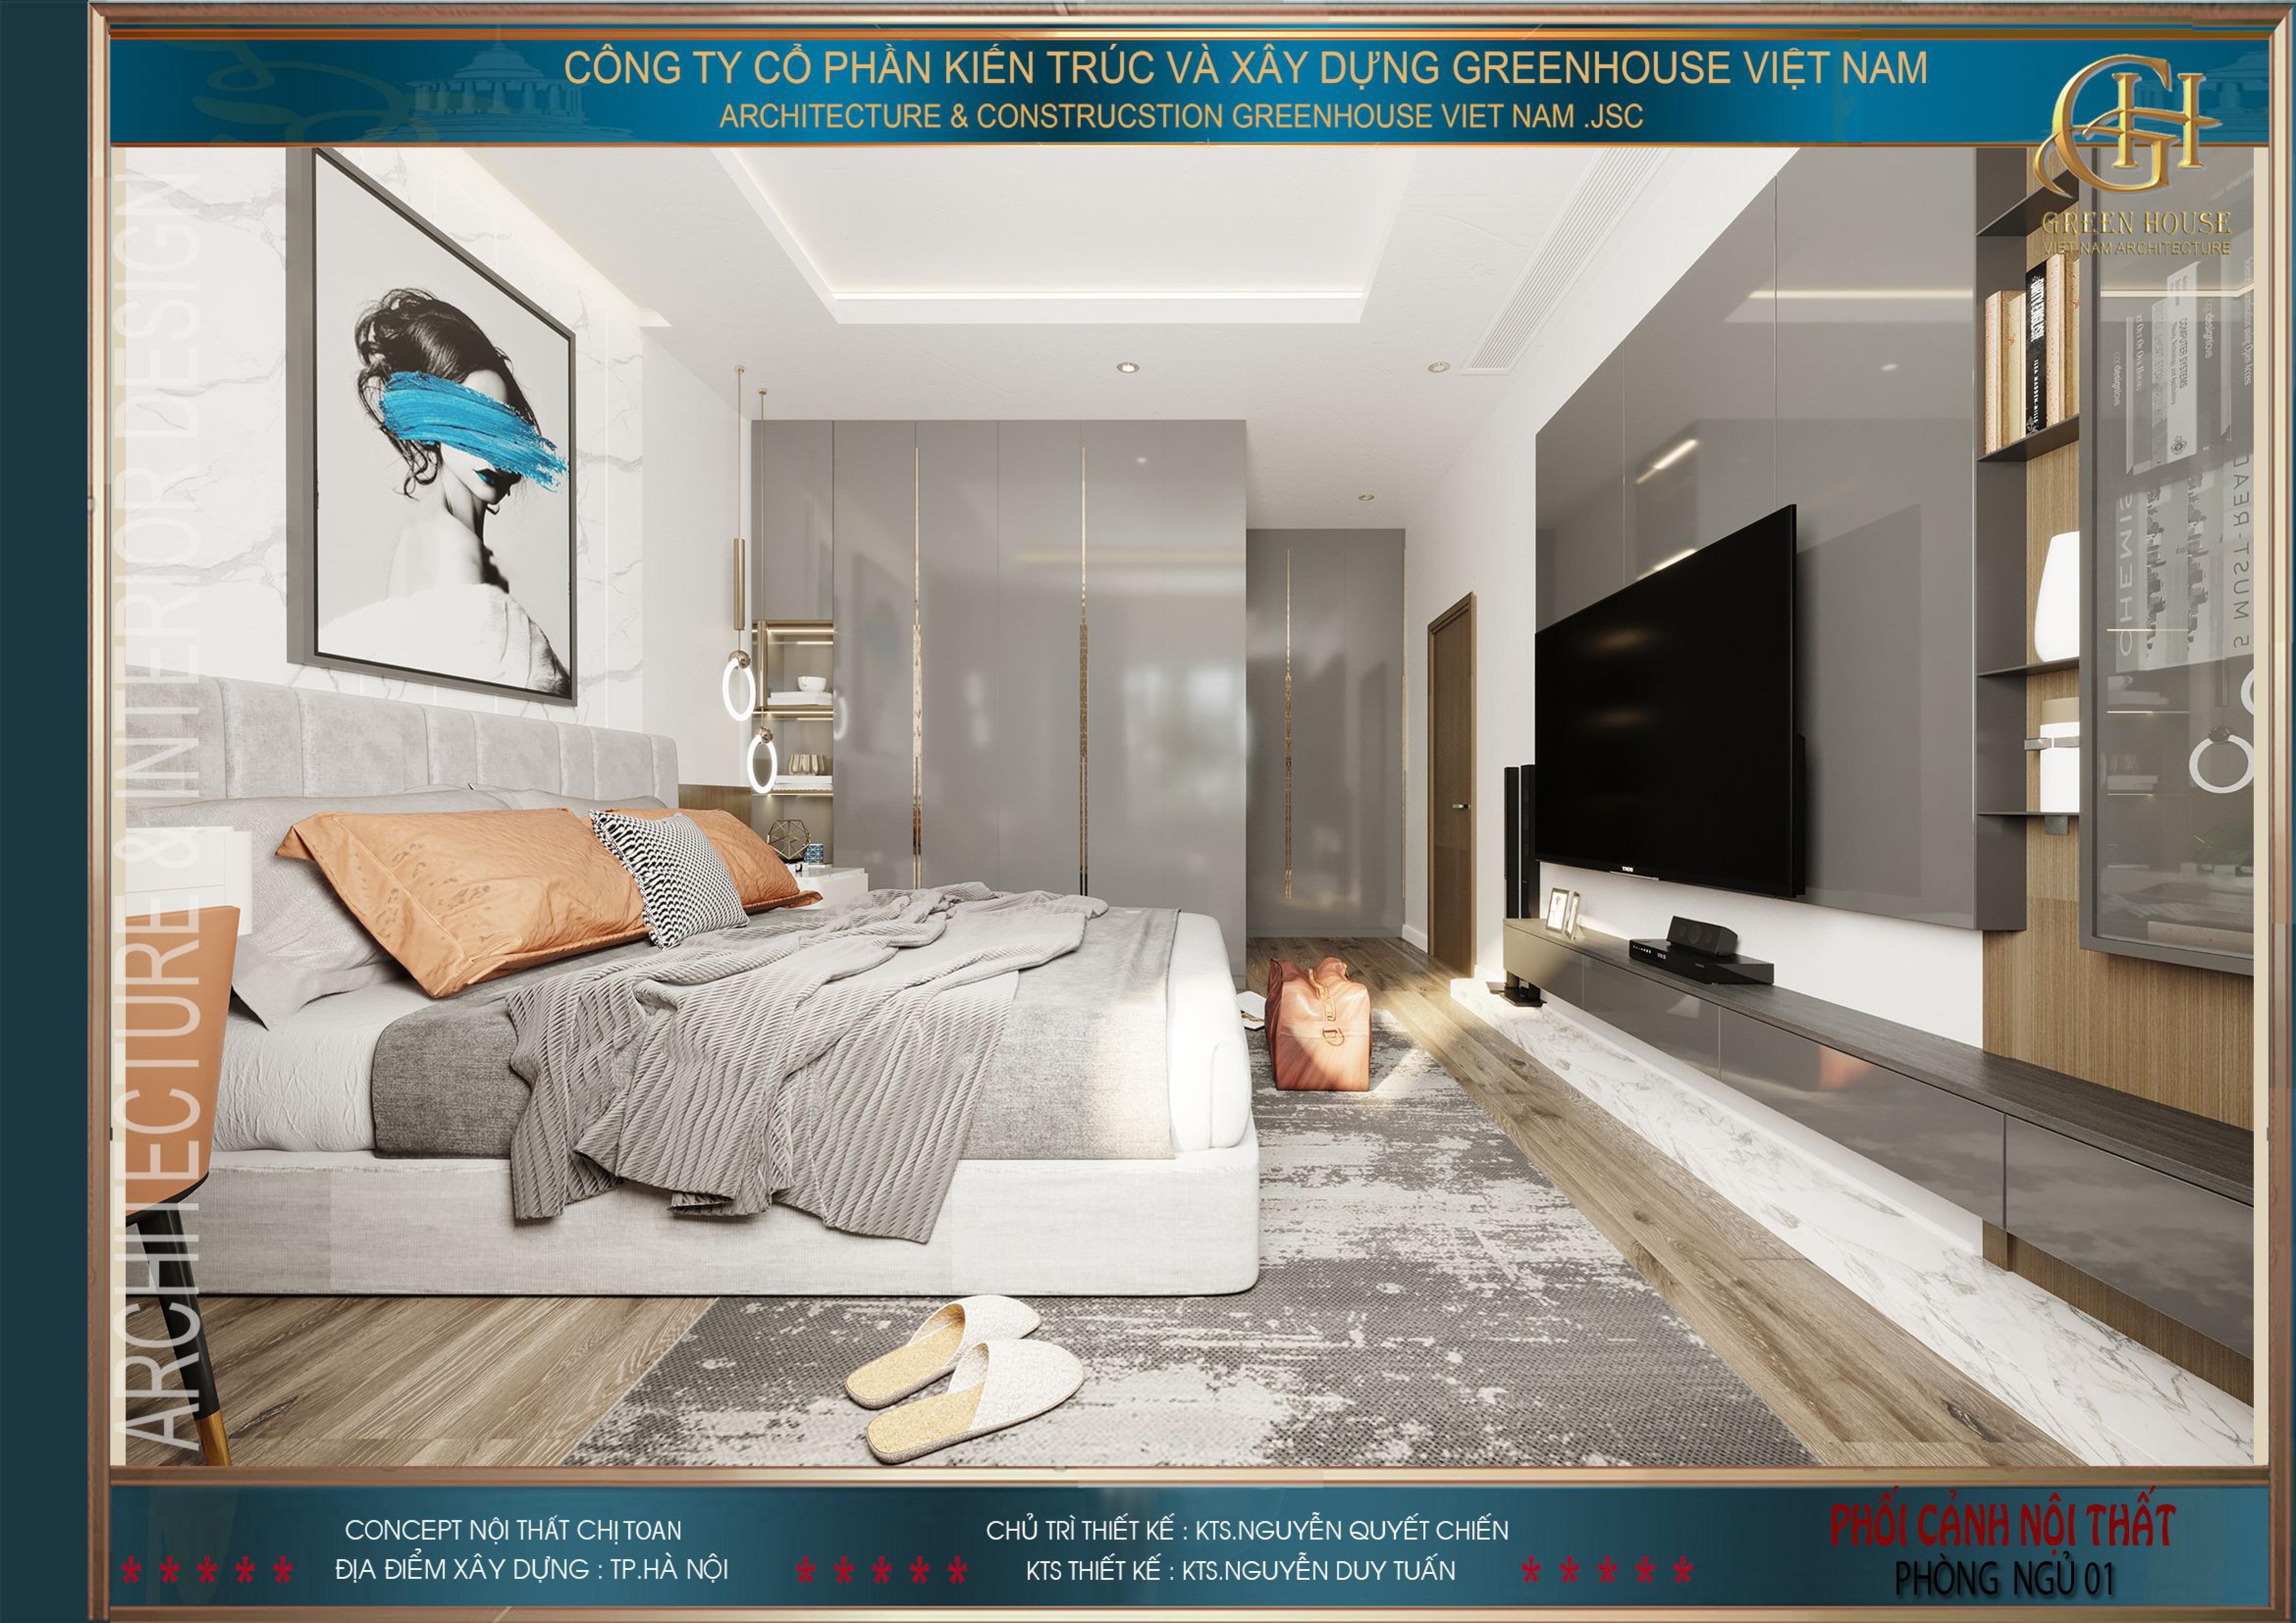 Bố trí nội thất phòng ngủ master một cách khéo léo mang đến sự rộng rãi, thông thoáng